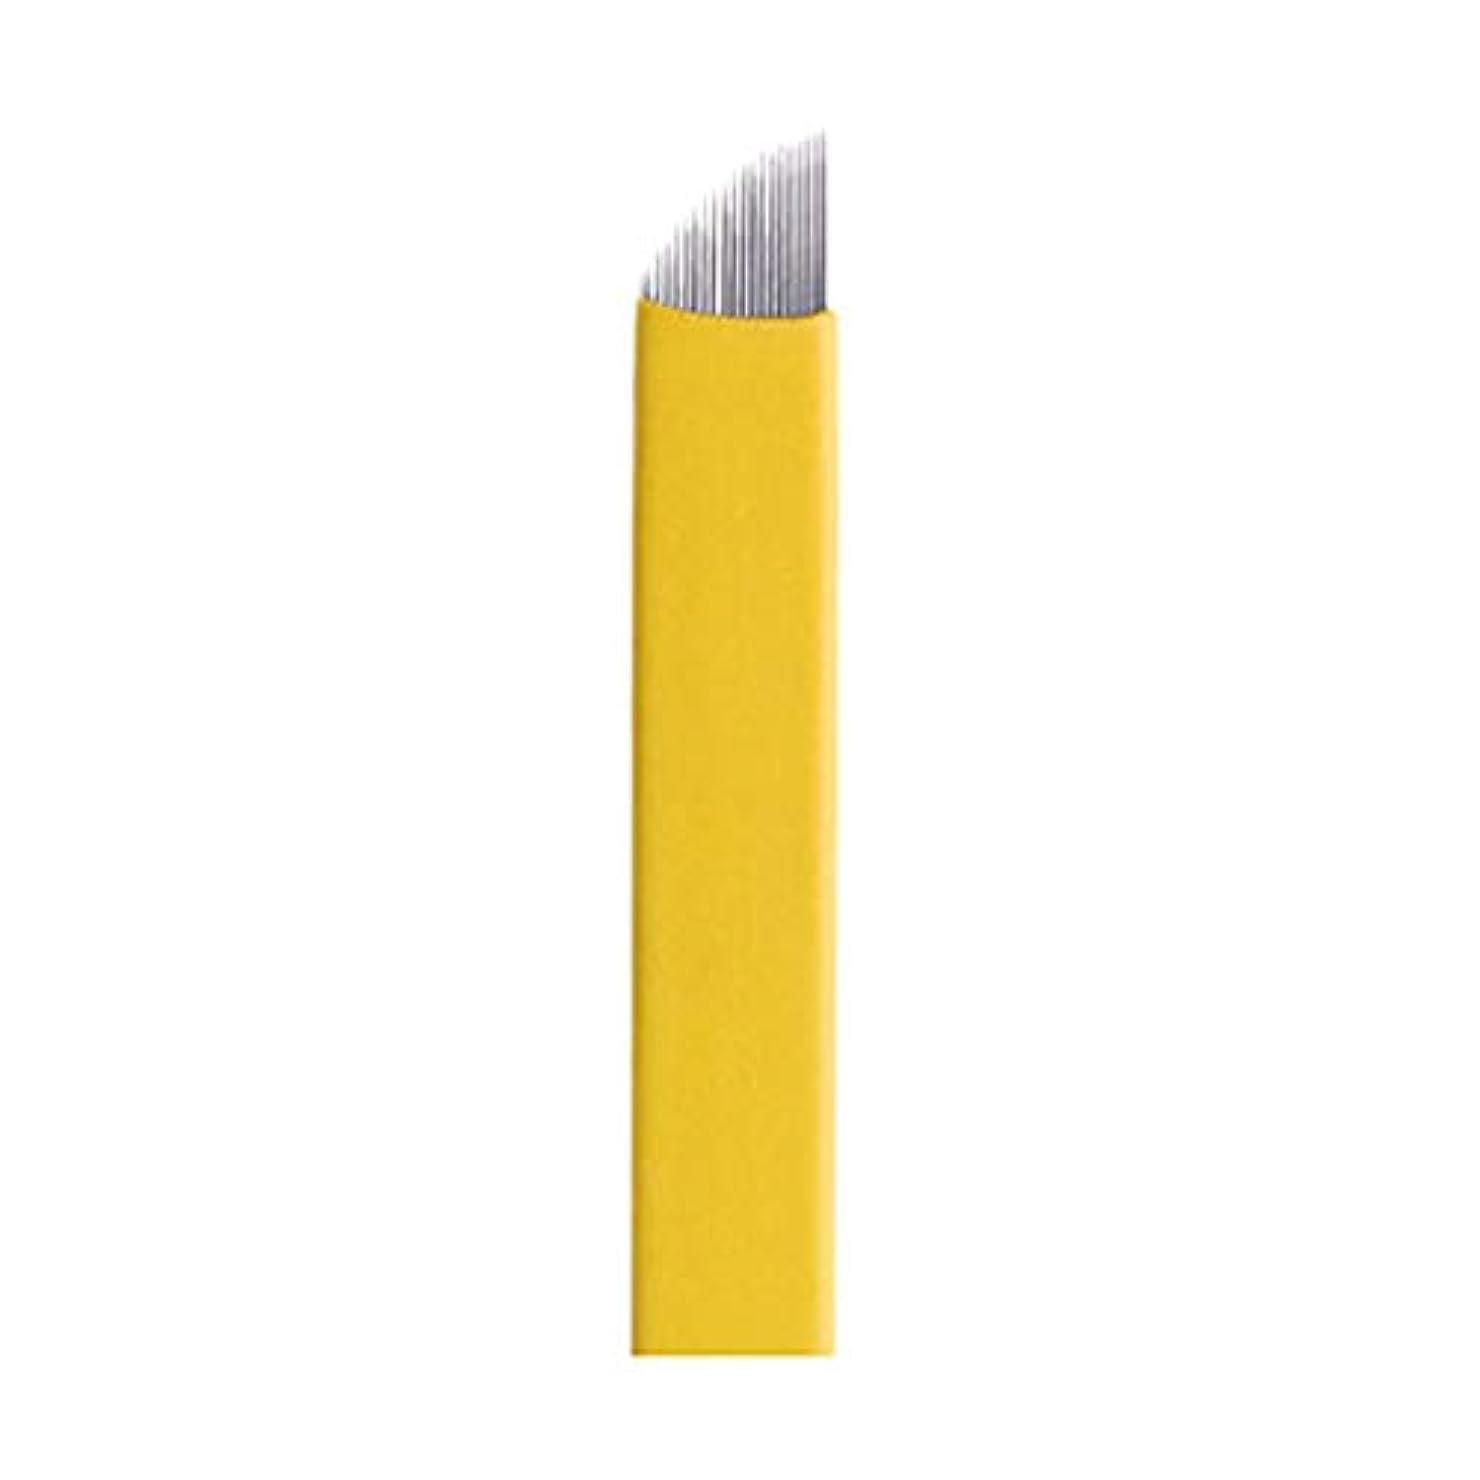 剥ぎ取る主導権排泄する21Pin黄色い眉美容メイクアップツール、50個/パッ